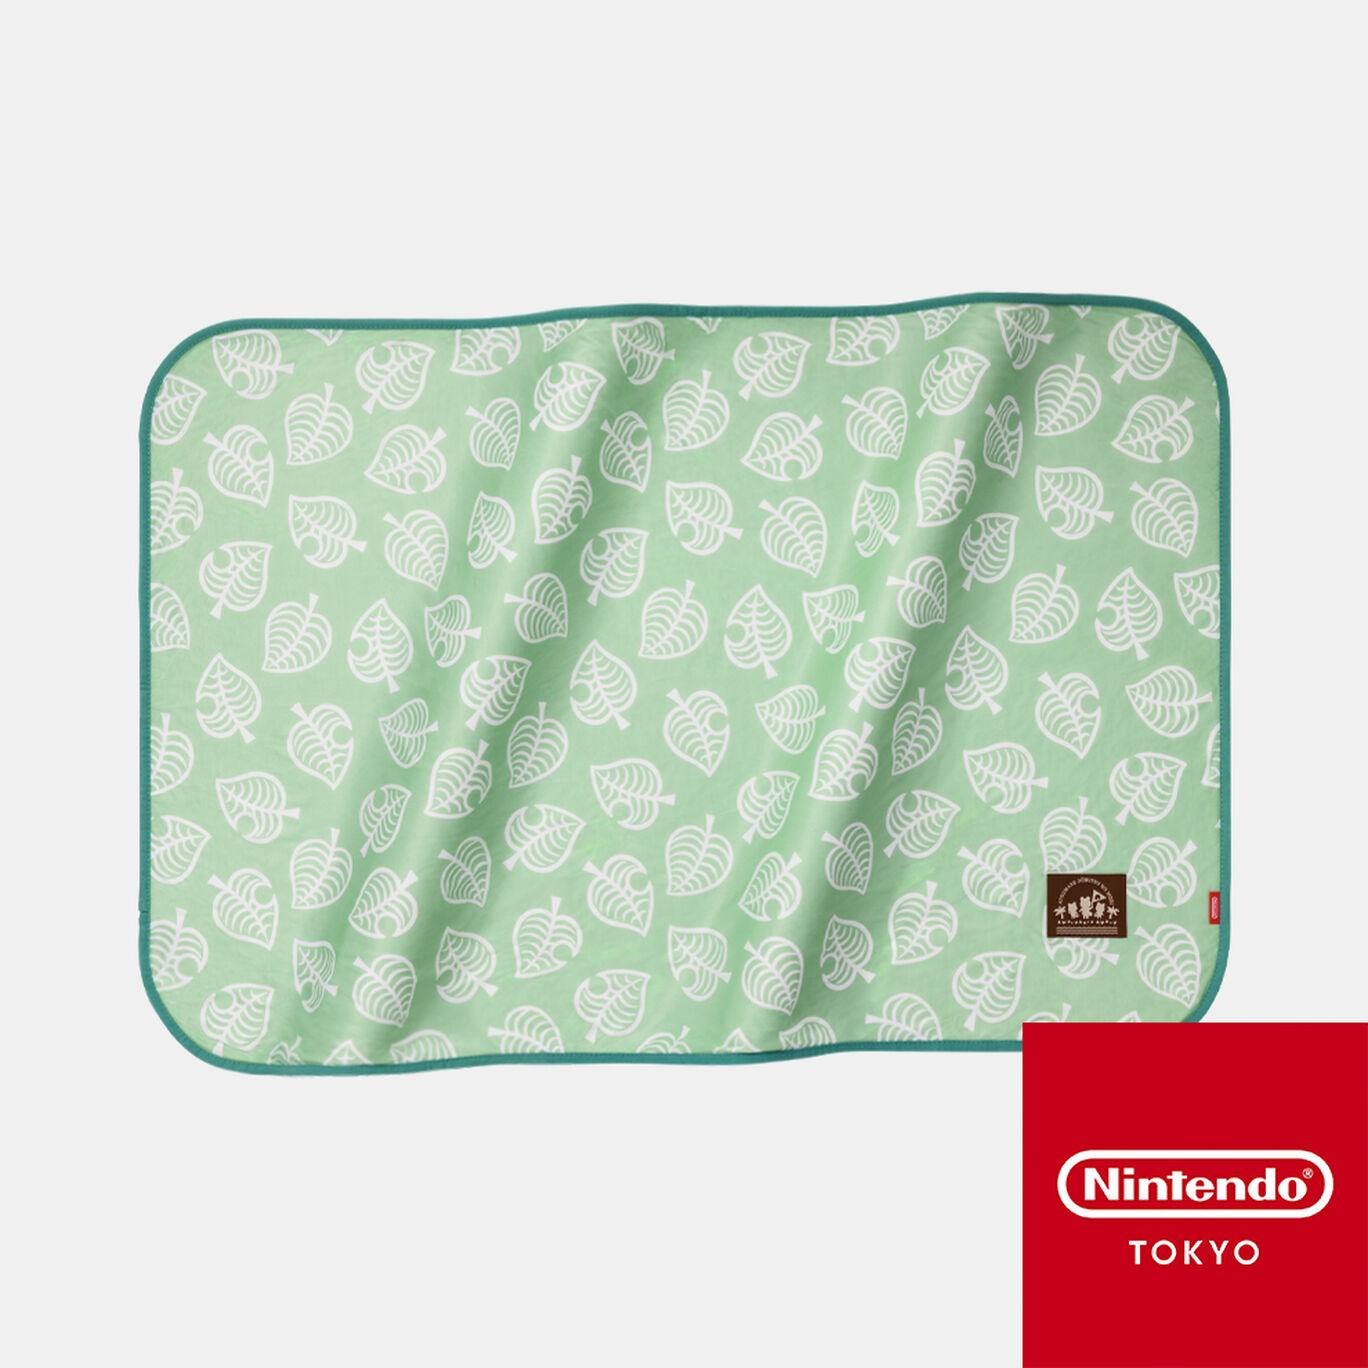 サマーブランケット あつまれ どうぶつの森【Nintendo TOKYO取り扱い商品】